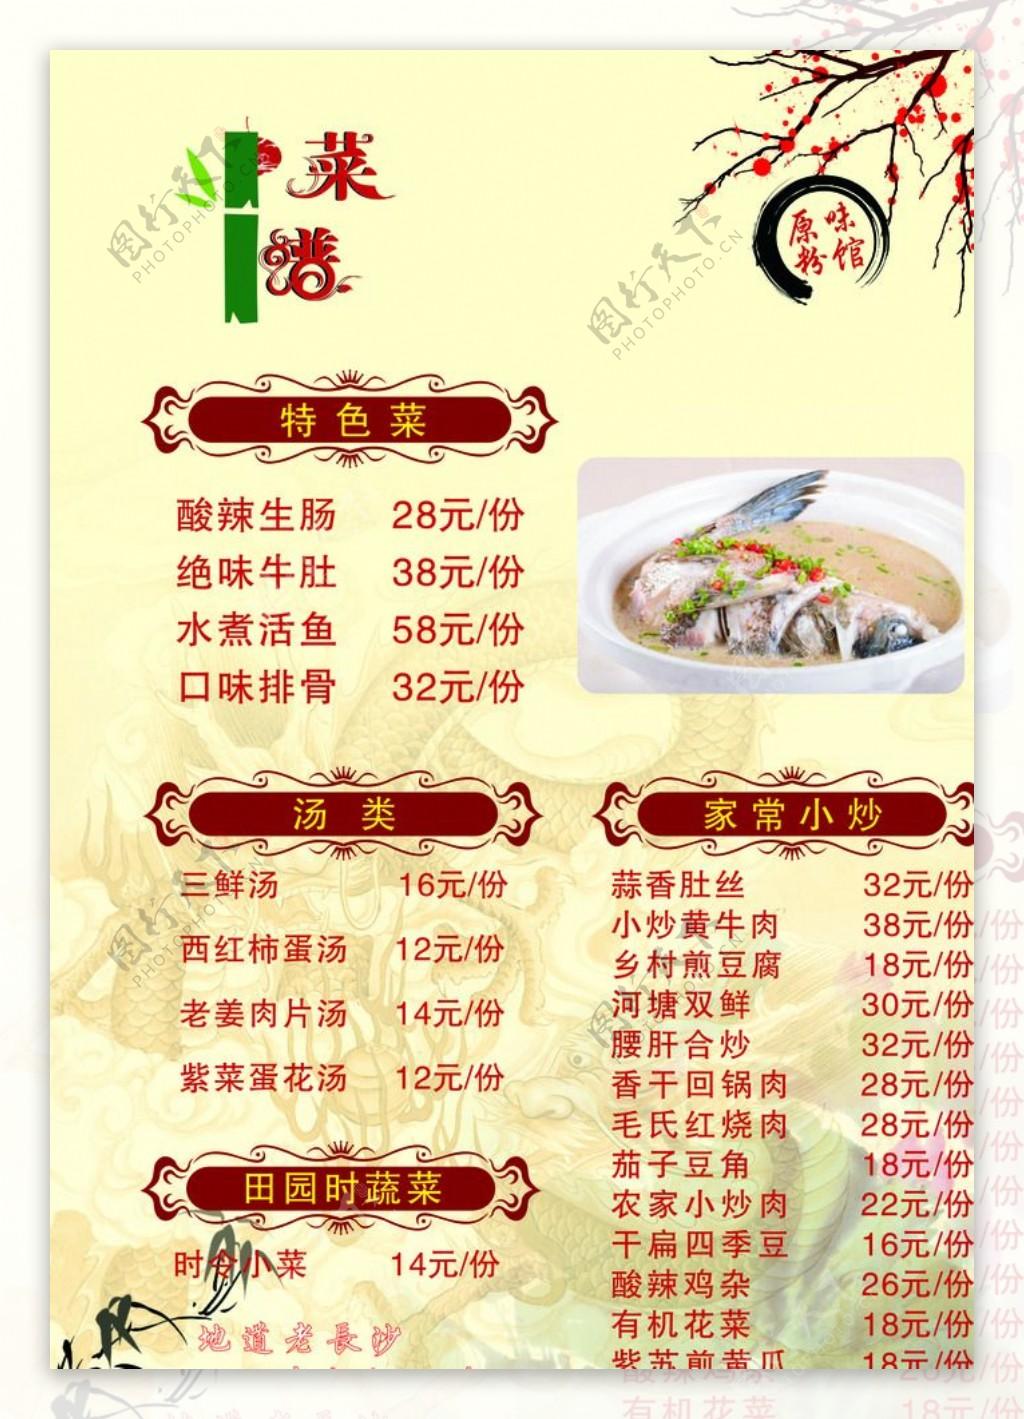 酒店菜单菜单边框菜单背景图片